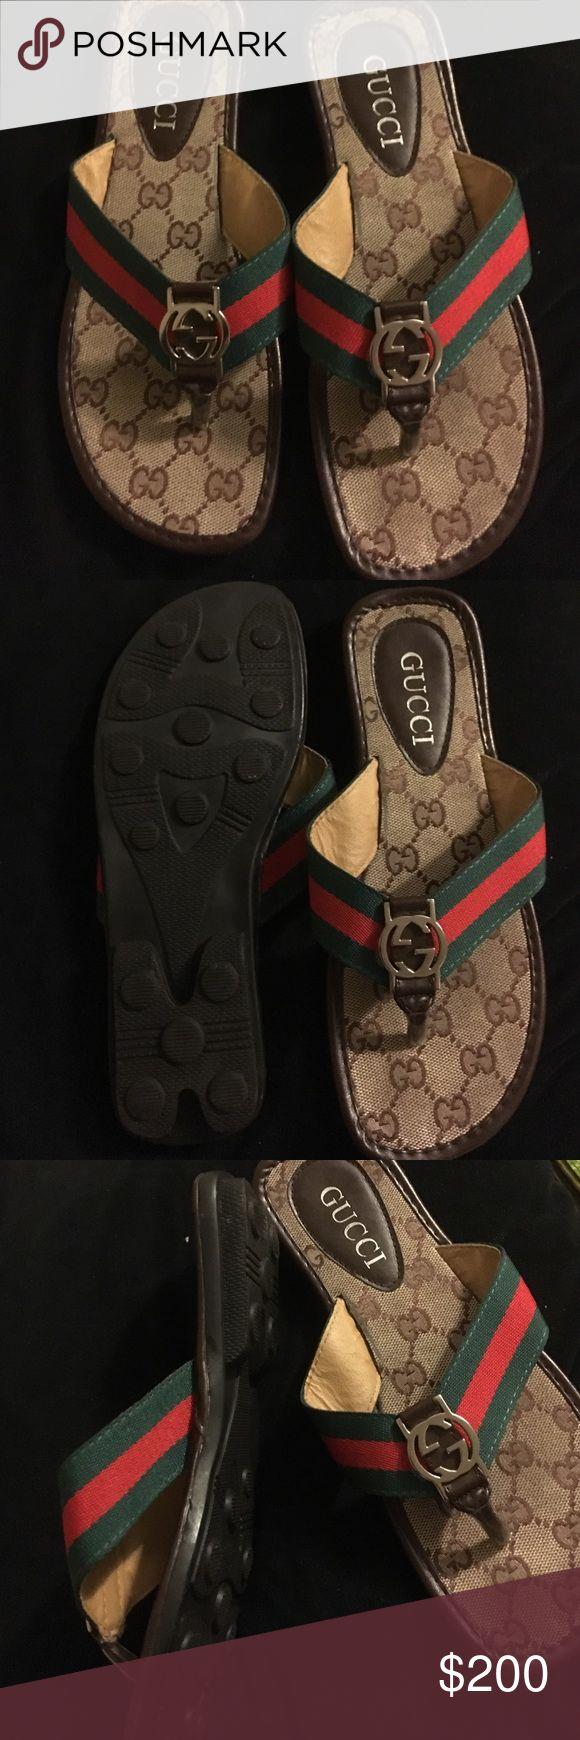 Woman's size 7 Gucci flip flop sandals Woman's size 7 Gucci flip flop sandals worn in house 2 times like new . Gucci Shoes Sandals